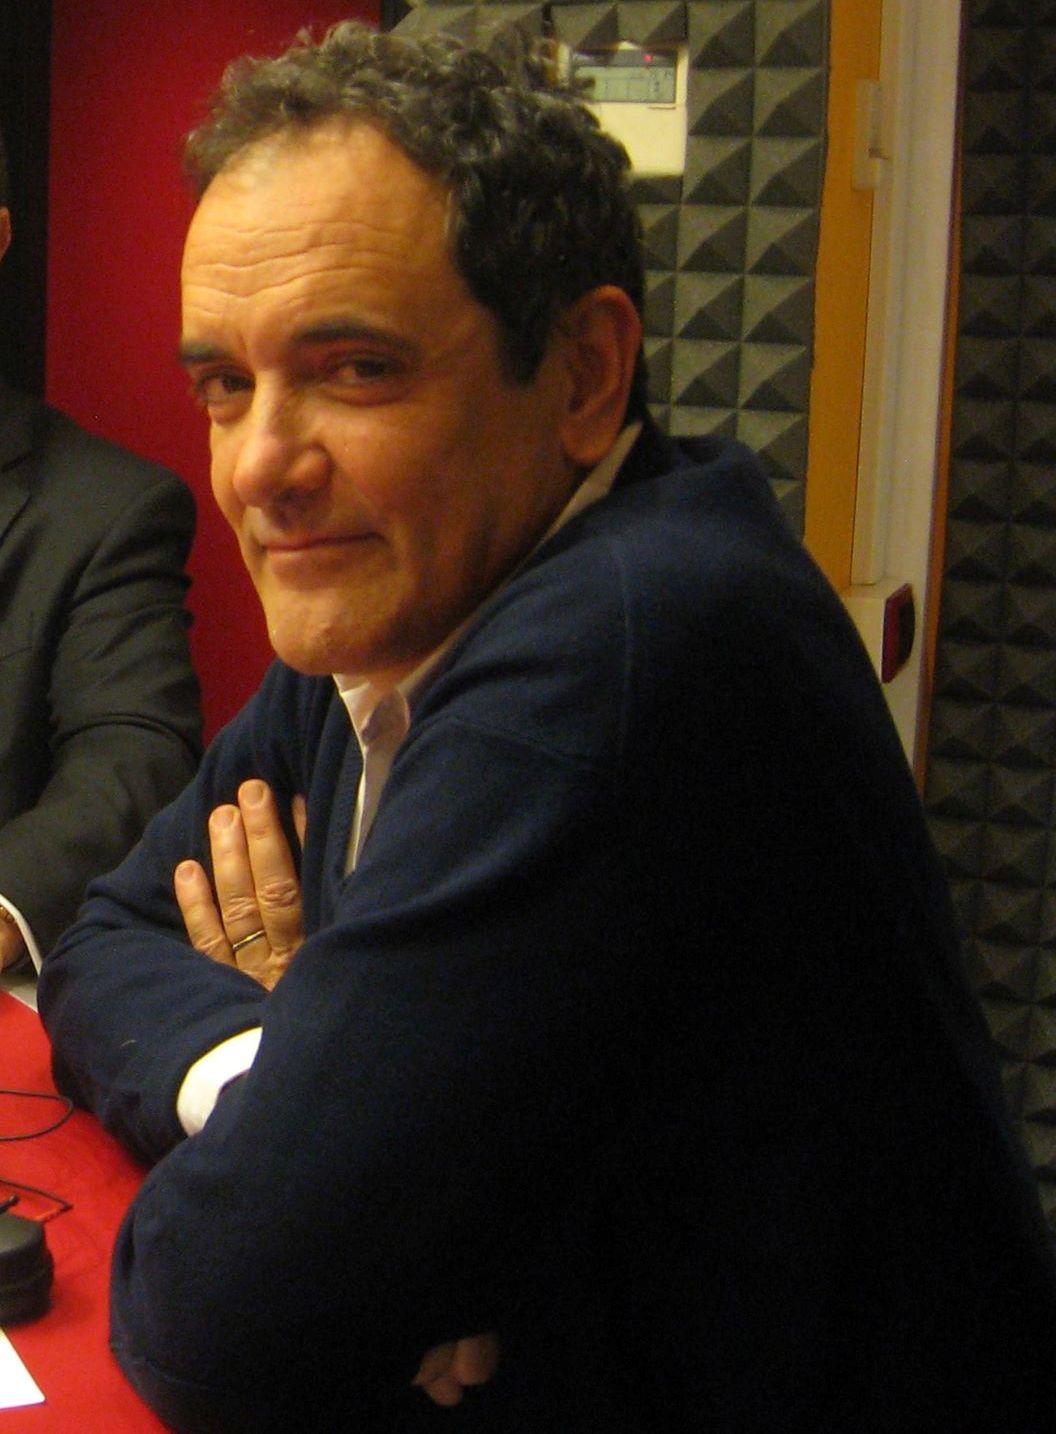 MILANO EXPO MAFIA FREE: INTERVISTA A MIRABELLI (PD)